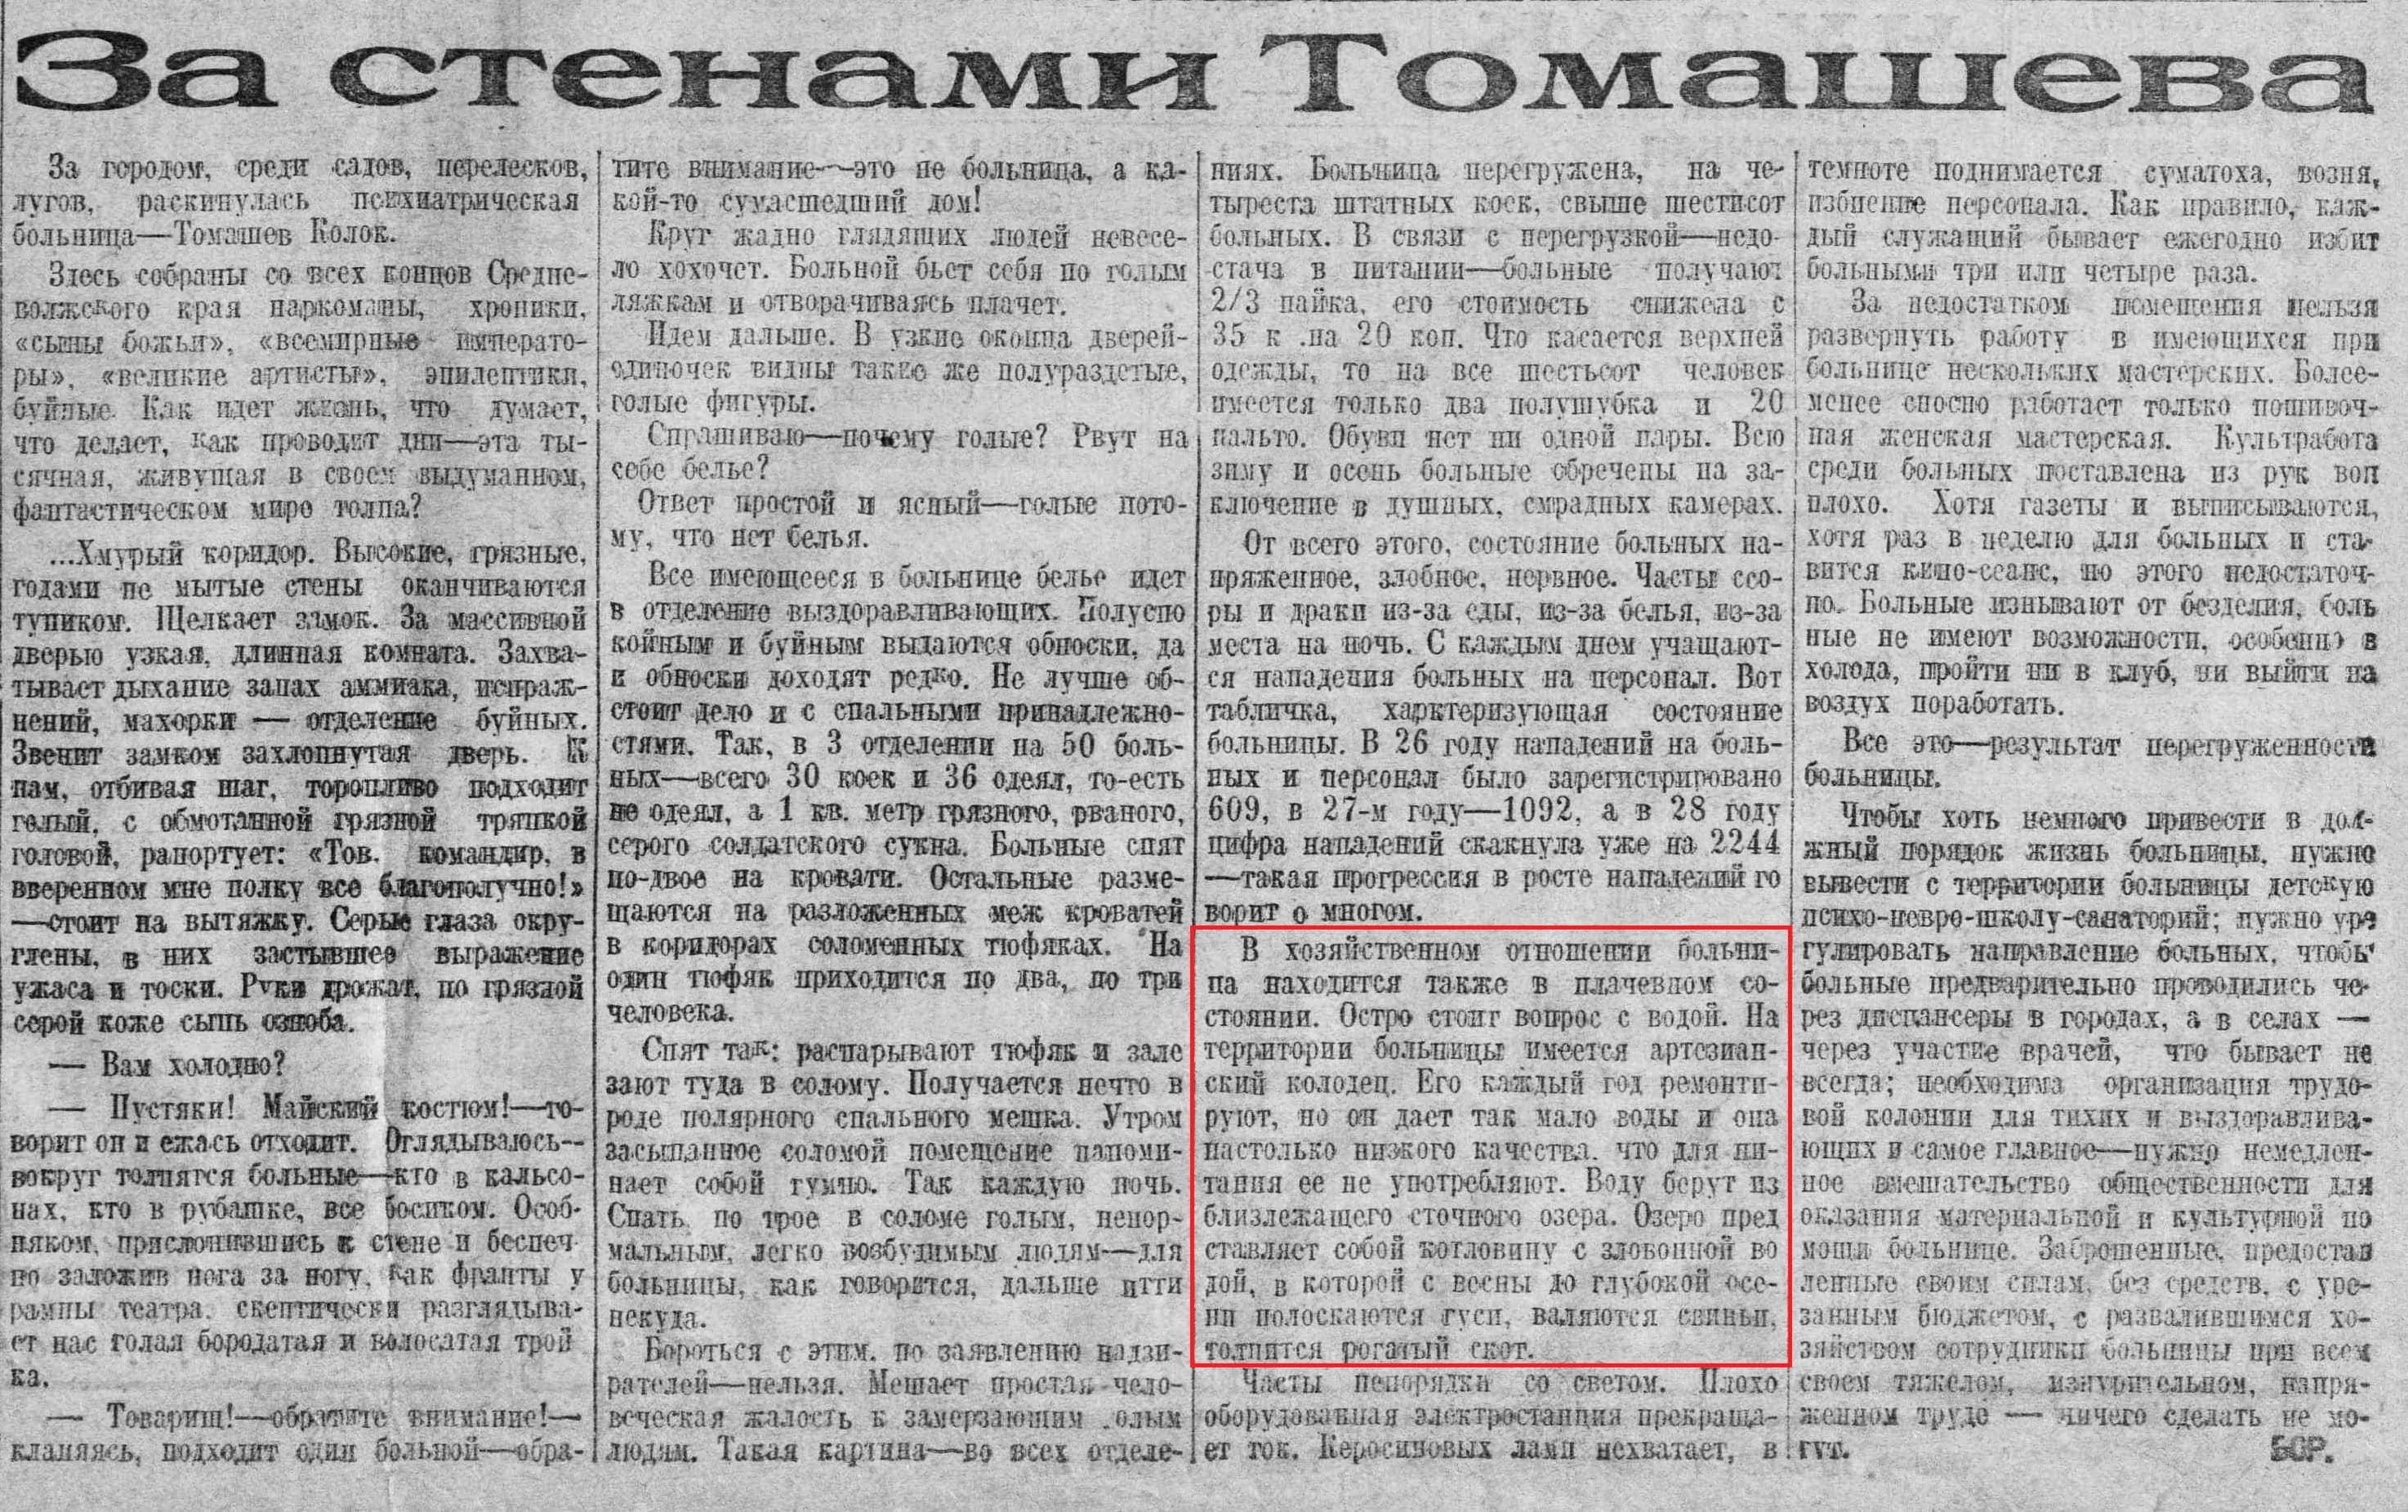 Украины-ФОТО-06-ВКа-1929-11-15-о проблемах психолеч. в Томашевом Колке